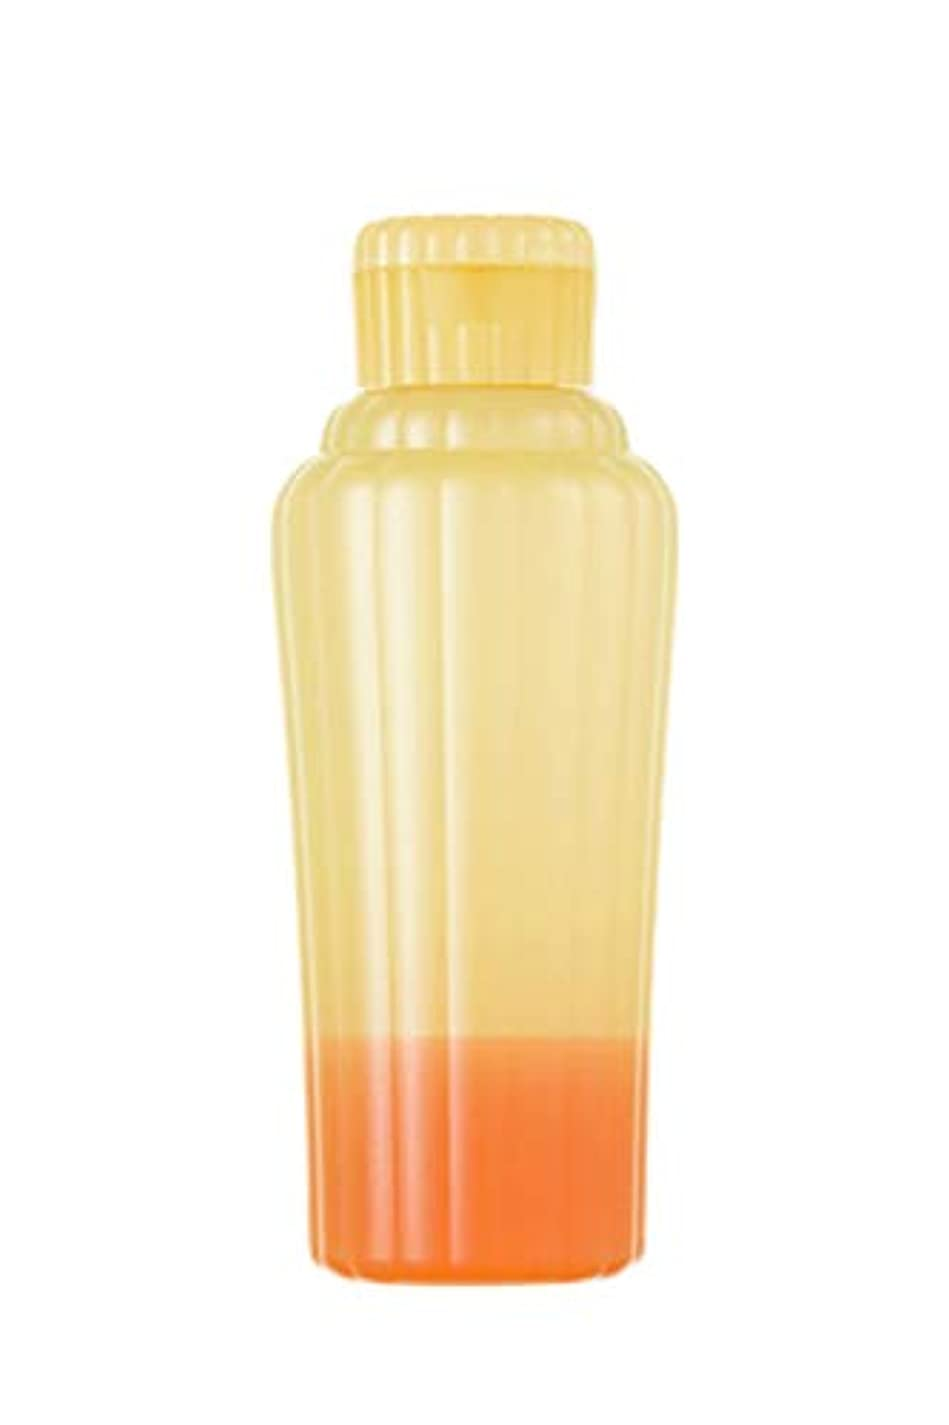 めまいが申し立て羨望アユーラ (AYURA) ウェルバランス ナイトリートバス 300mL 〈浴用 入浴剤〉 うるおい スキンケア アロマティックハーブの香り